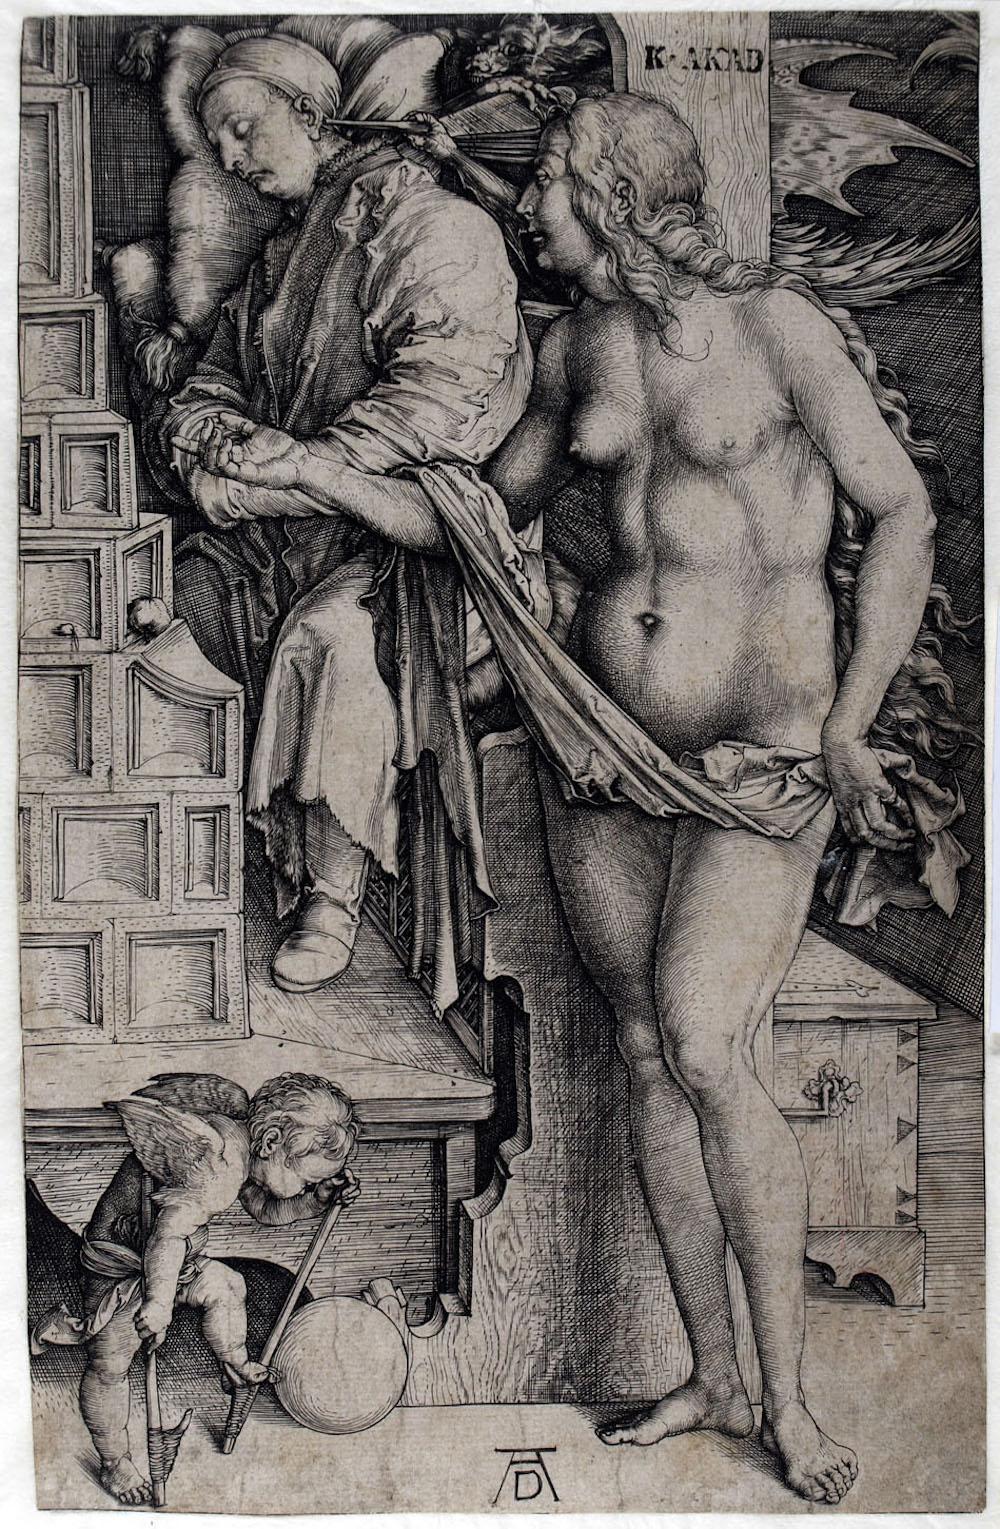 Albrecht Dürer (1471 – 1528): Die Versuchung des Müßiggängers (Der Traum des Docktors), um 1498, Kupferstich, © Kupferstichkabinett der Akademie der bildenden Künste Wien